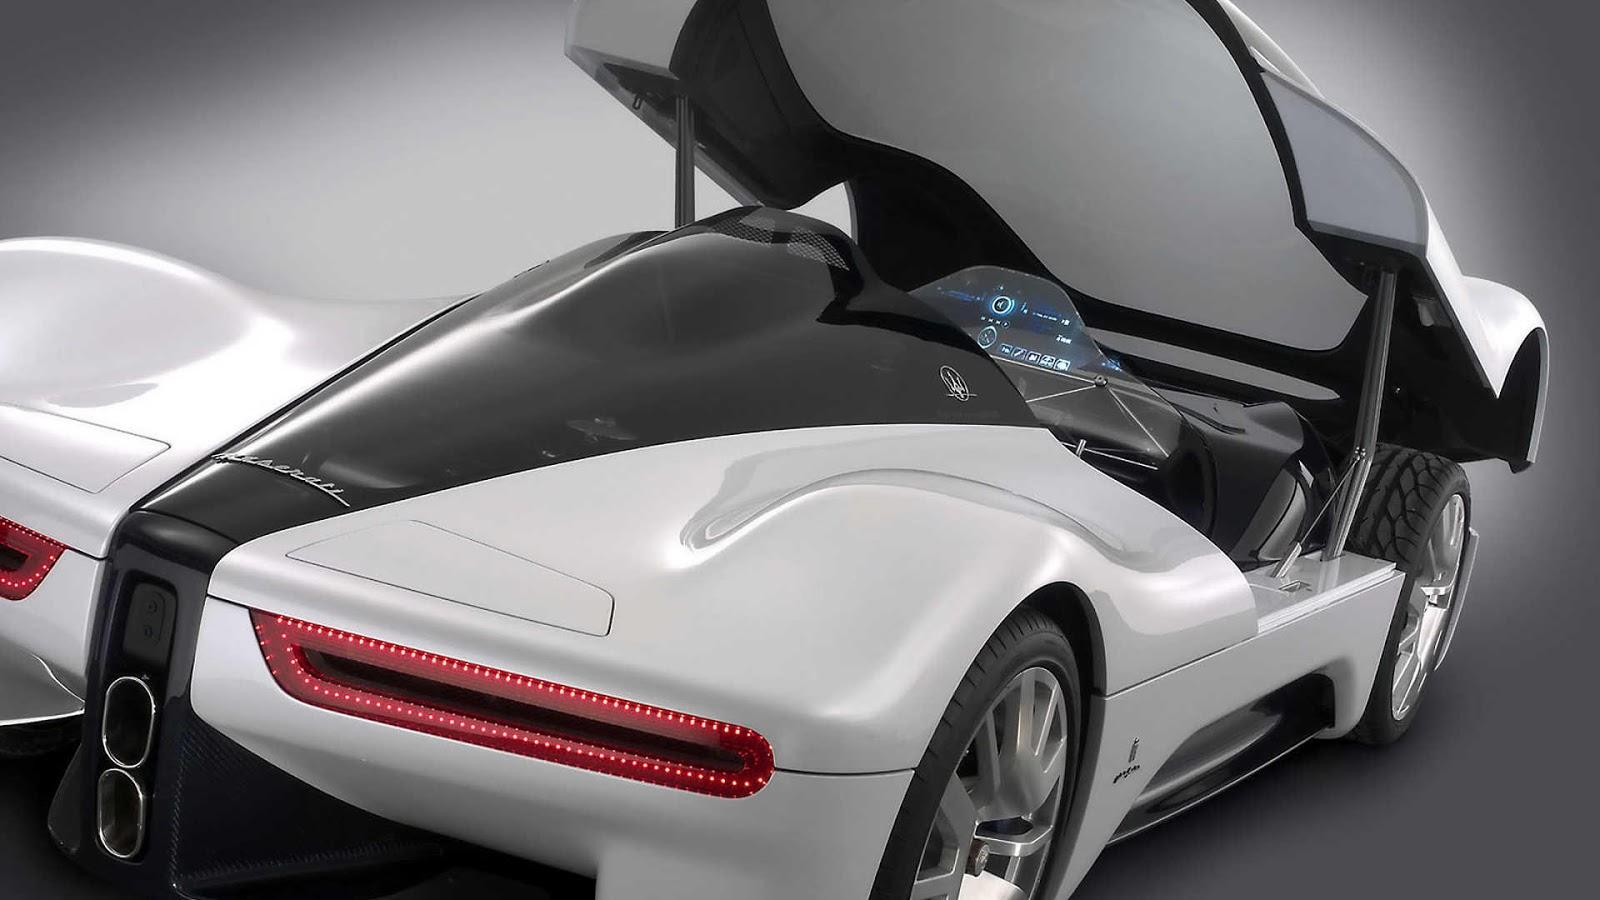 Car Design: Car Design History (old- new)